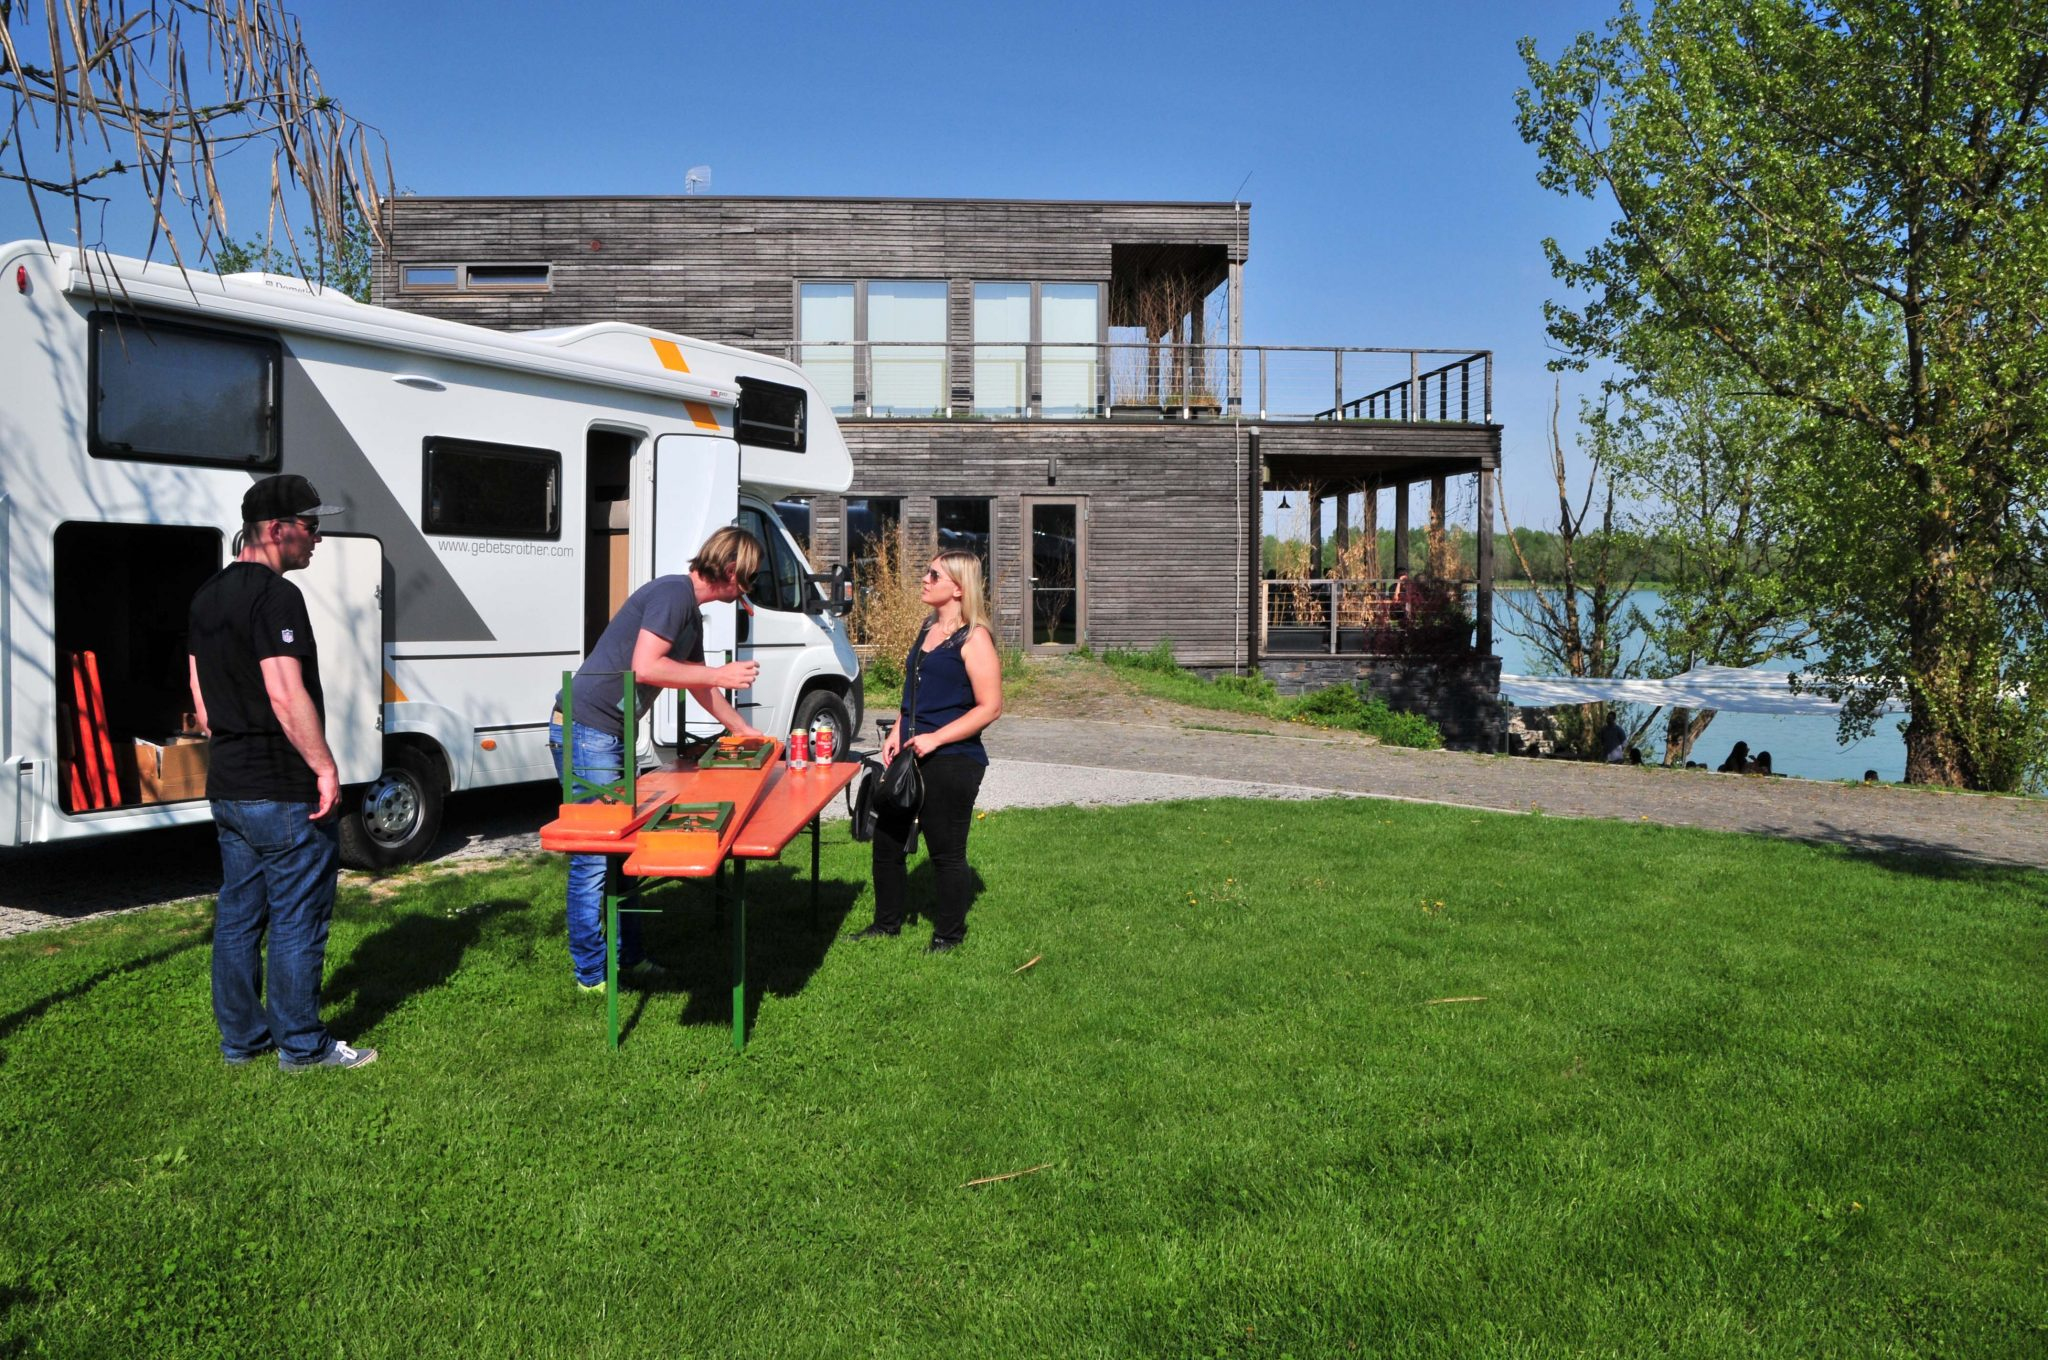 Camp Zagreb mit Stellplätzen und Restaurant am Ufer des Sees.